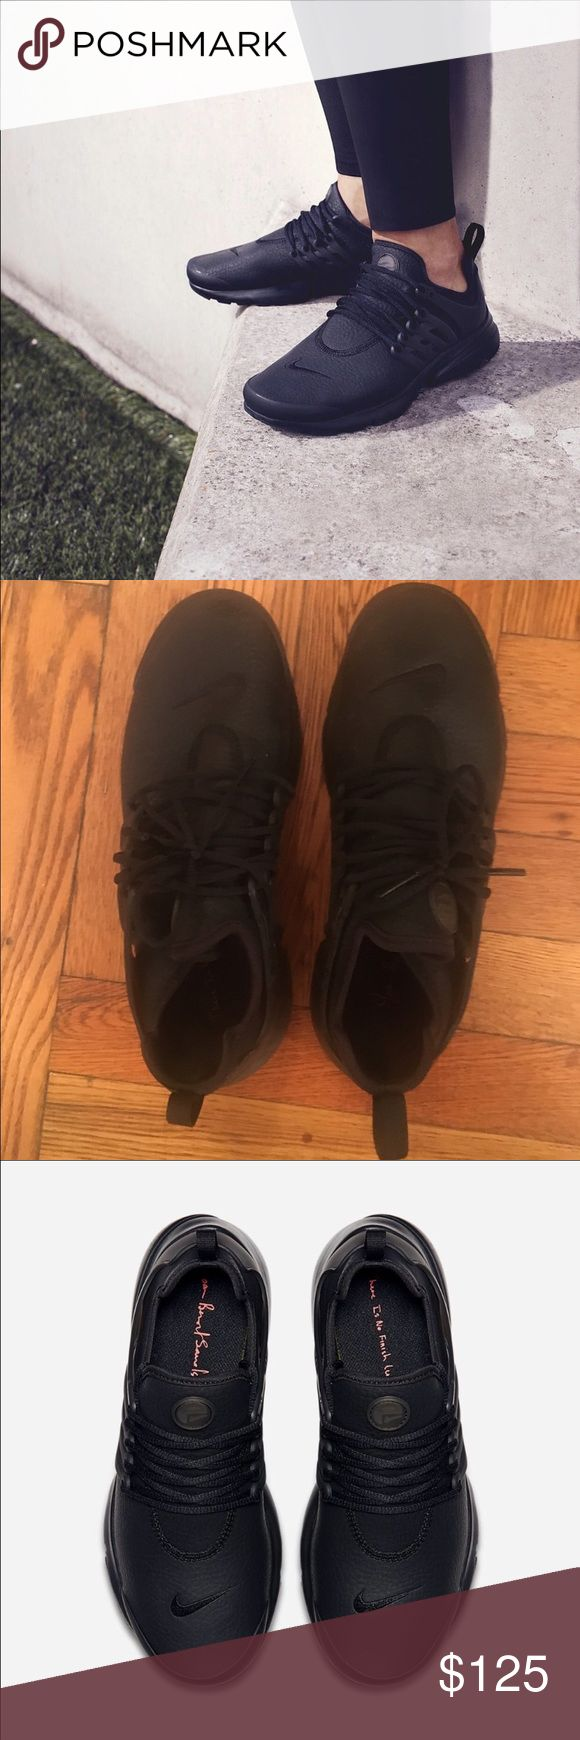 Nike Black Leather Presto size 8 Nike Beautiful x Powerful all black leather Presto sneaker size 8. Worn twice. Nike Shoes Athletic Shoes